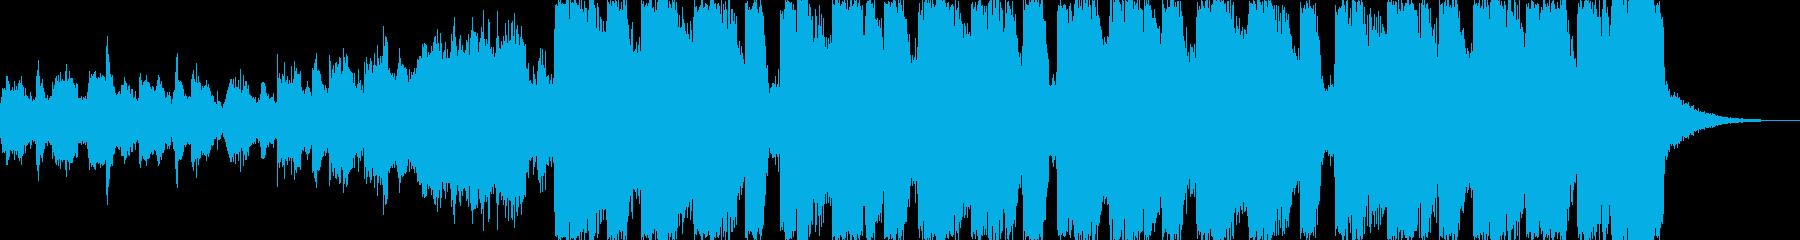 ピチカートドラムンベースエレクトロcの再生済みの波形